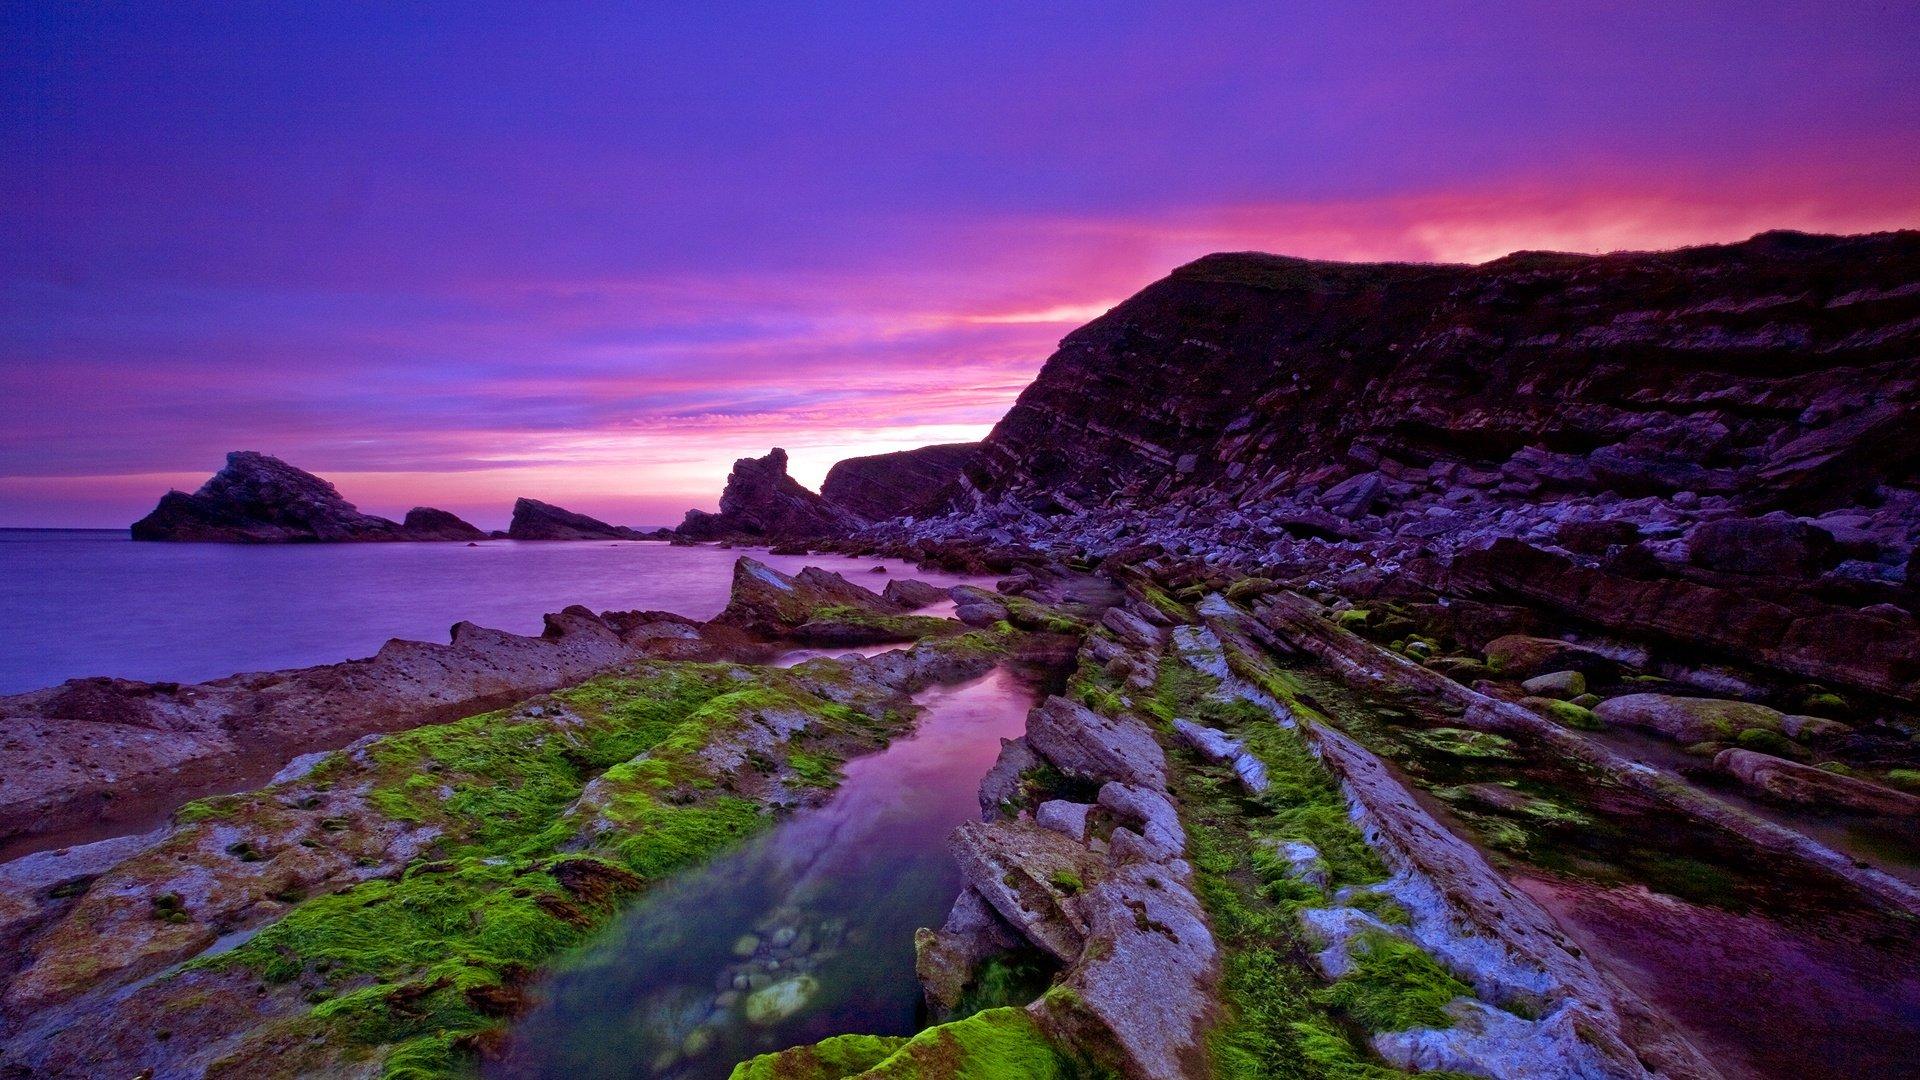 scenic purple